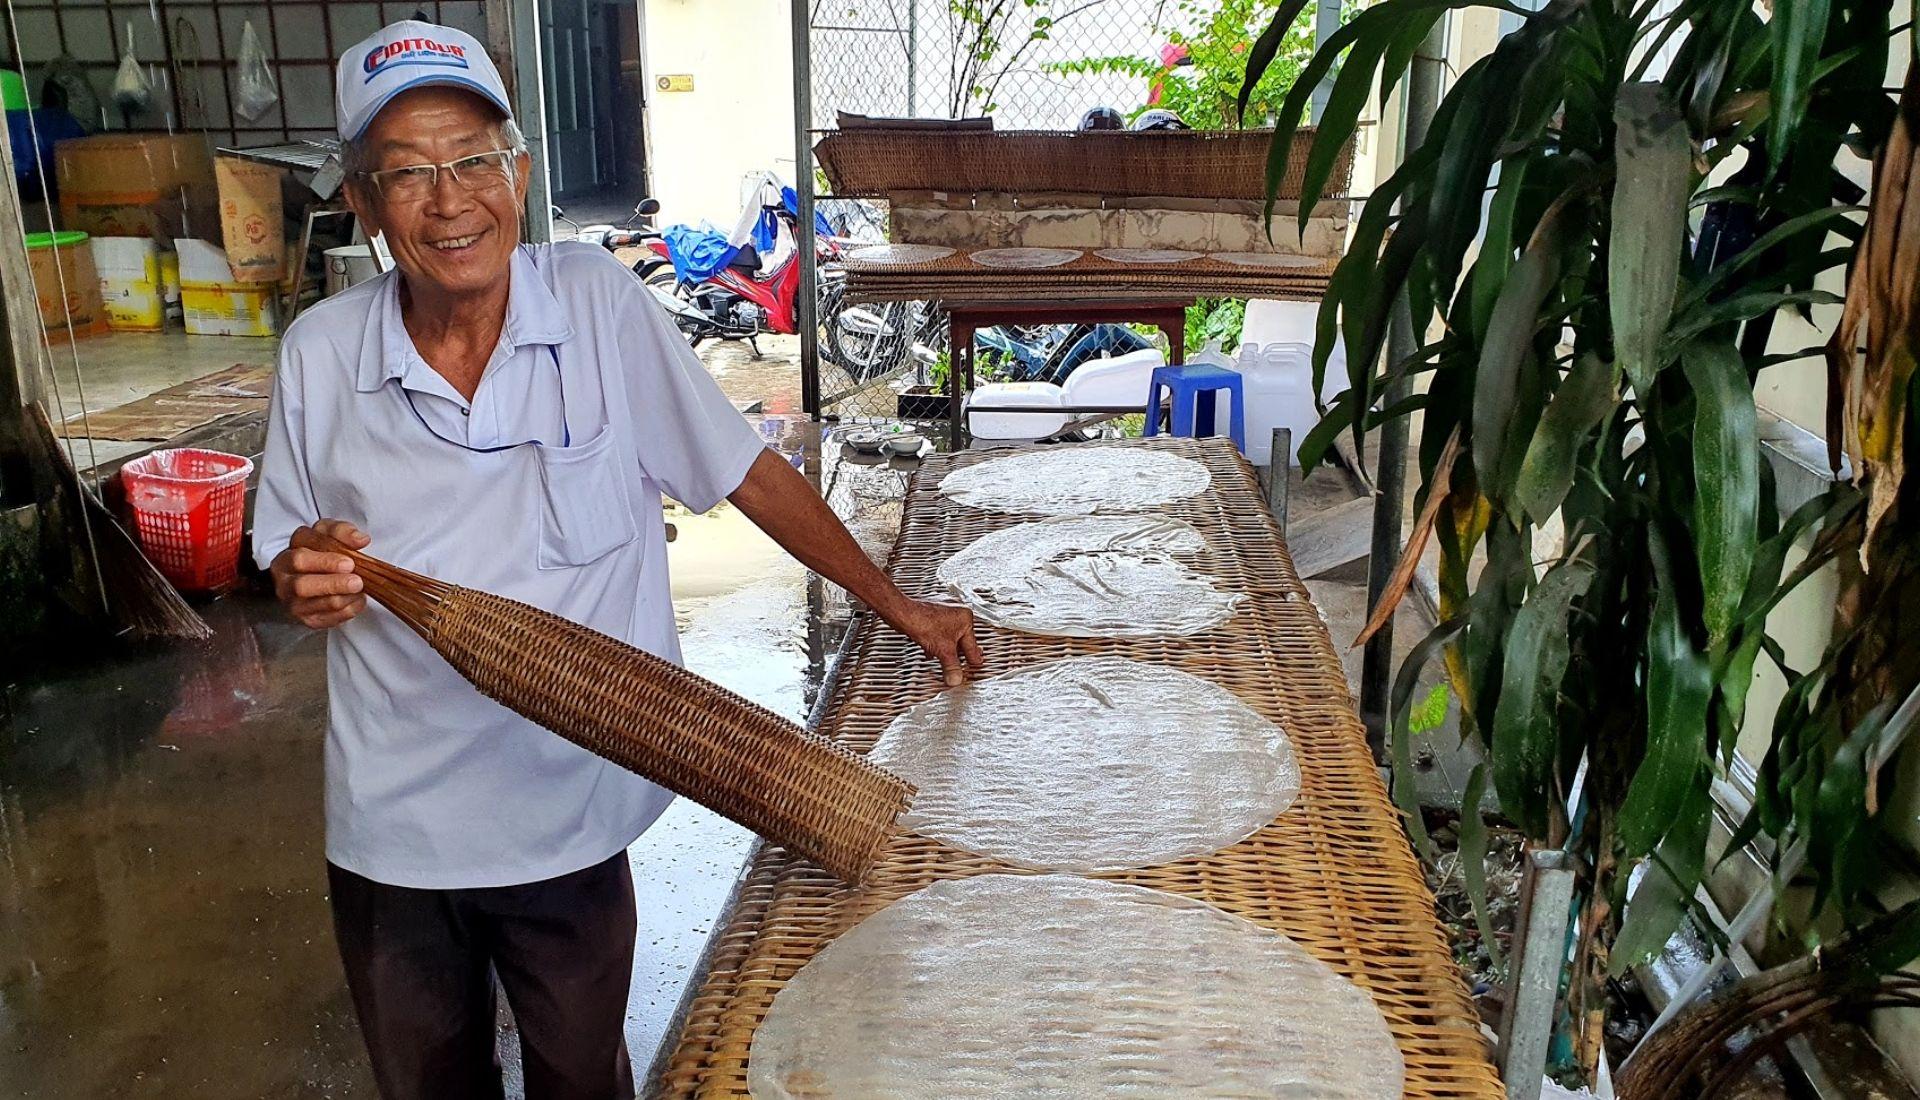 Making rice paper near Cai Rang